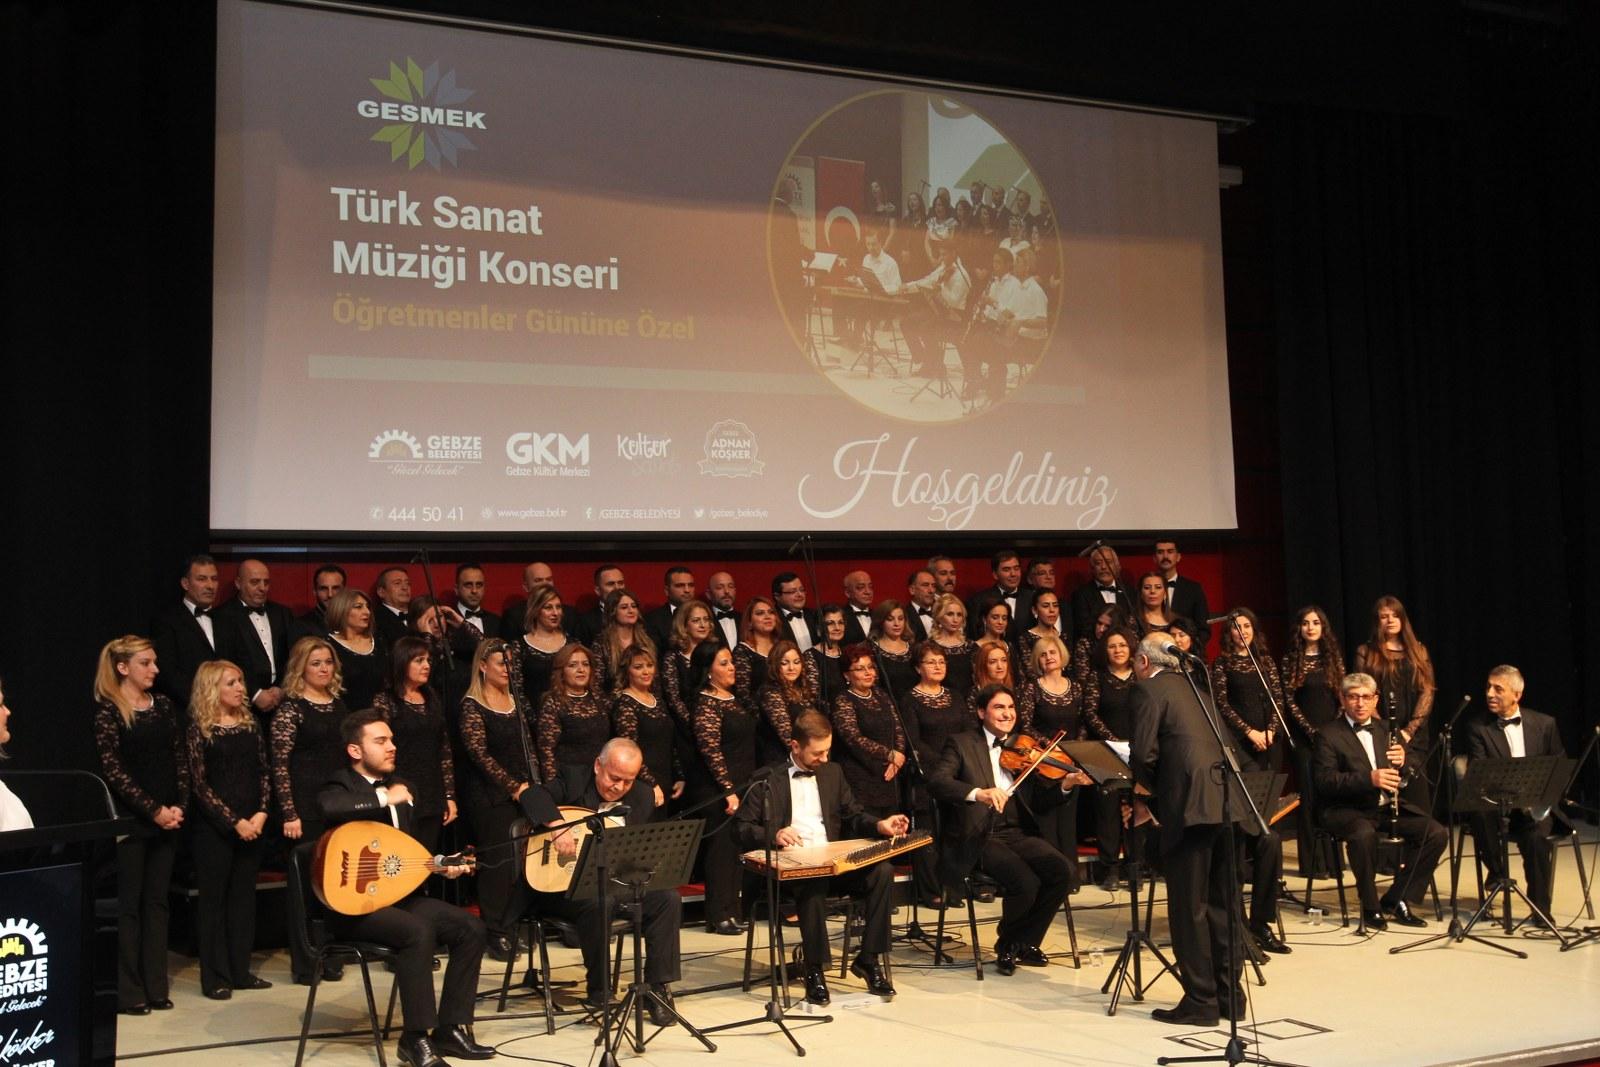 Öğretmenlere özel musiki konseri